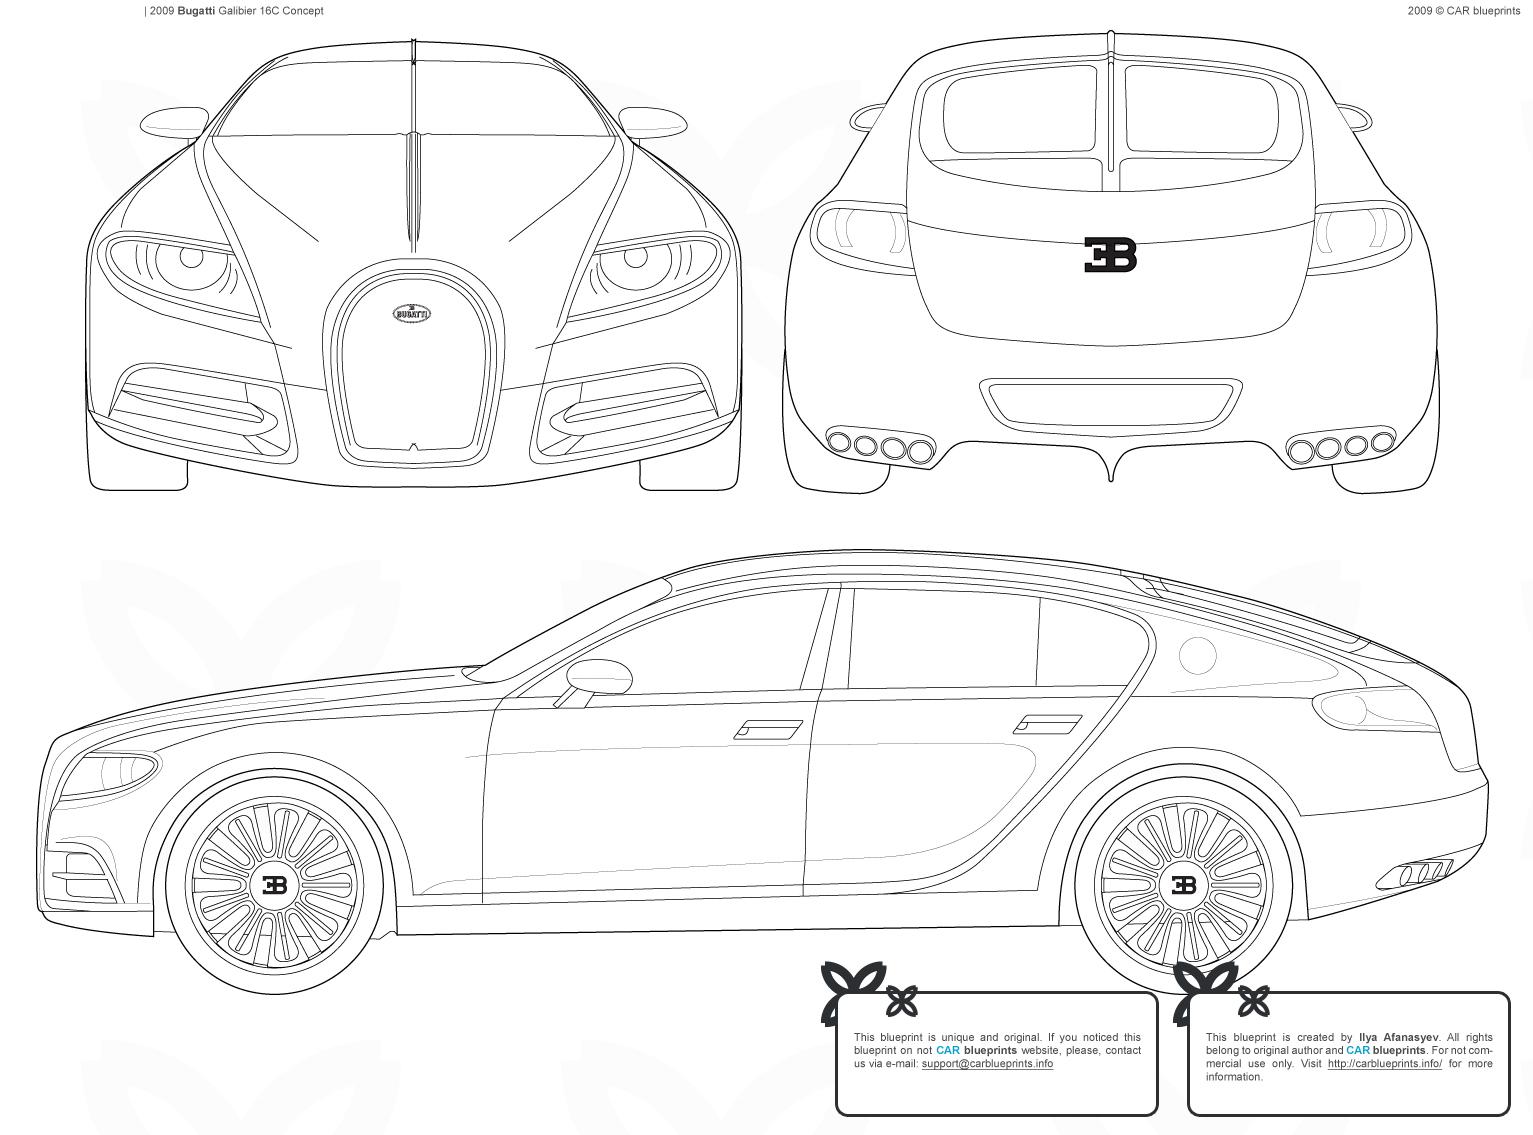 Sports Car News & Blueprints